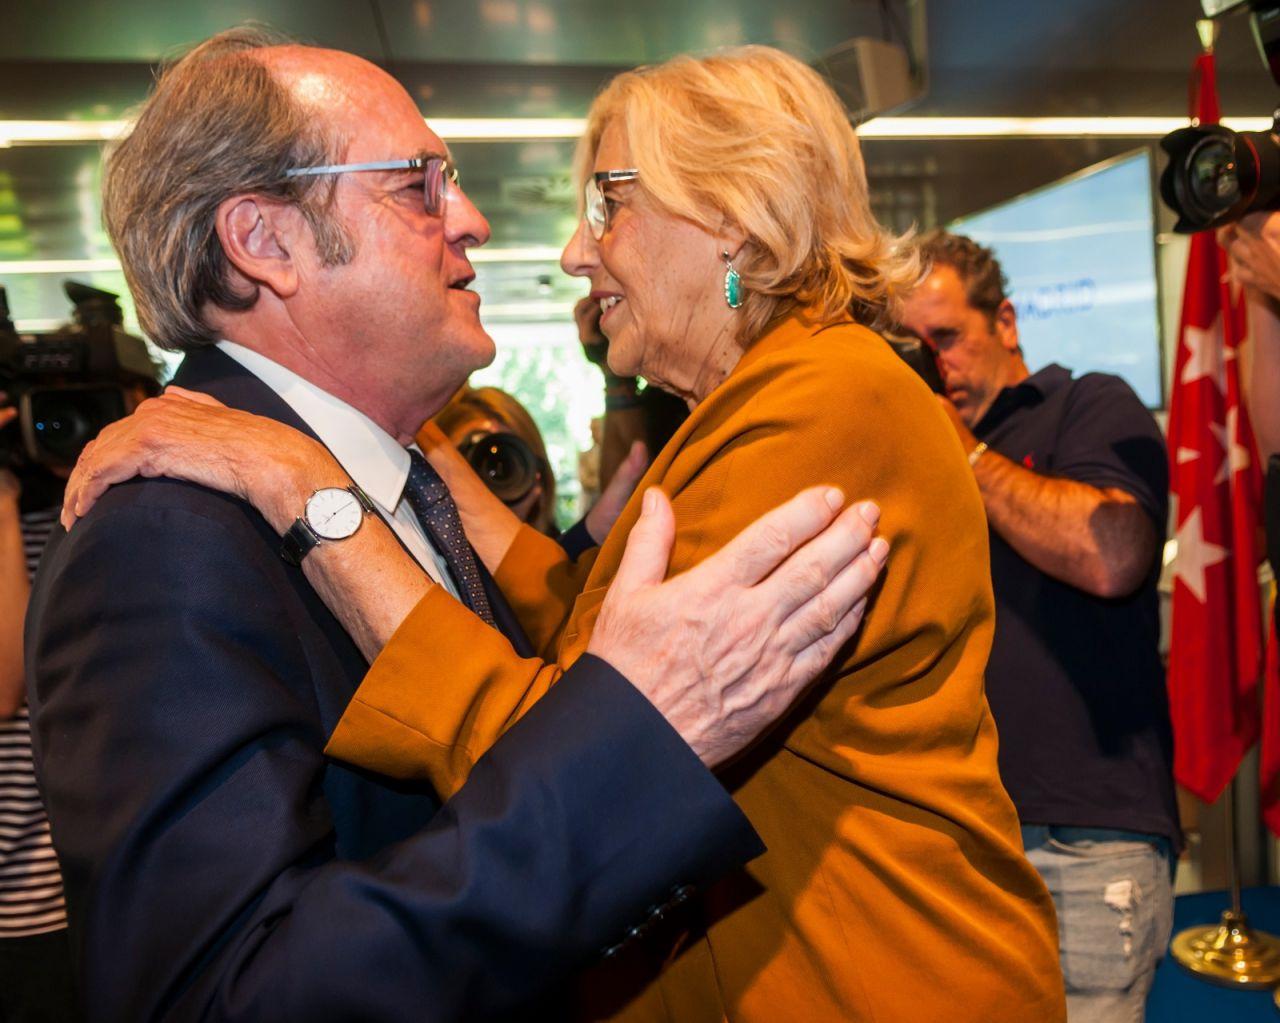 Ángel Gabilondo saluda a Manuela Carmena tras el acto de entrega de las Medallas de Oro.